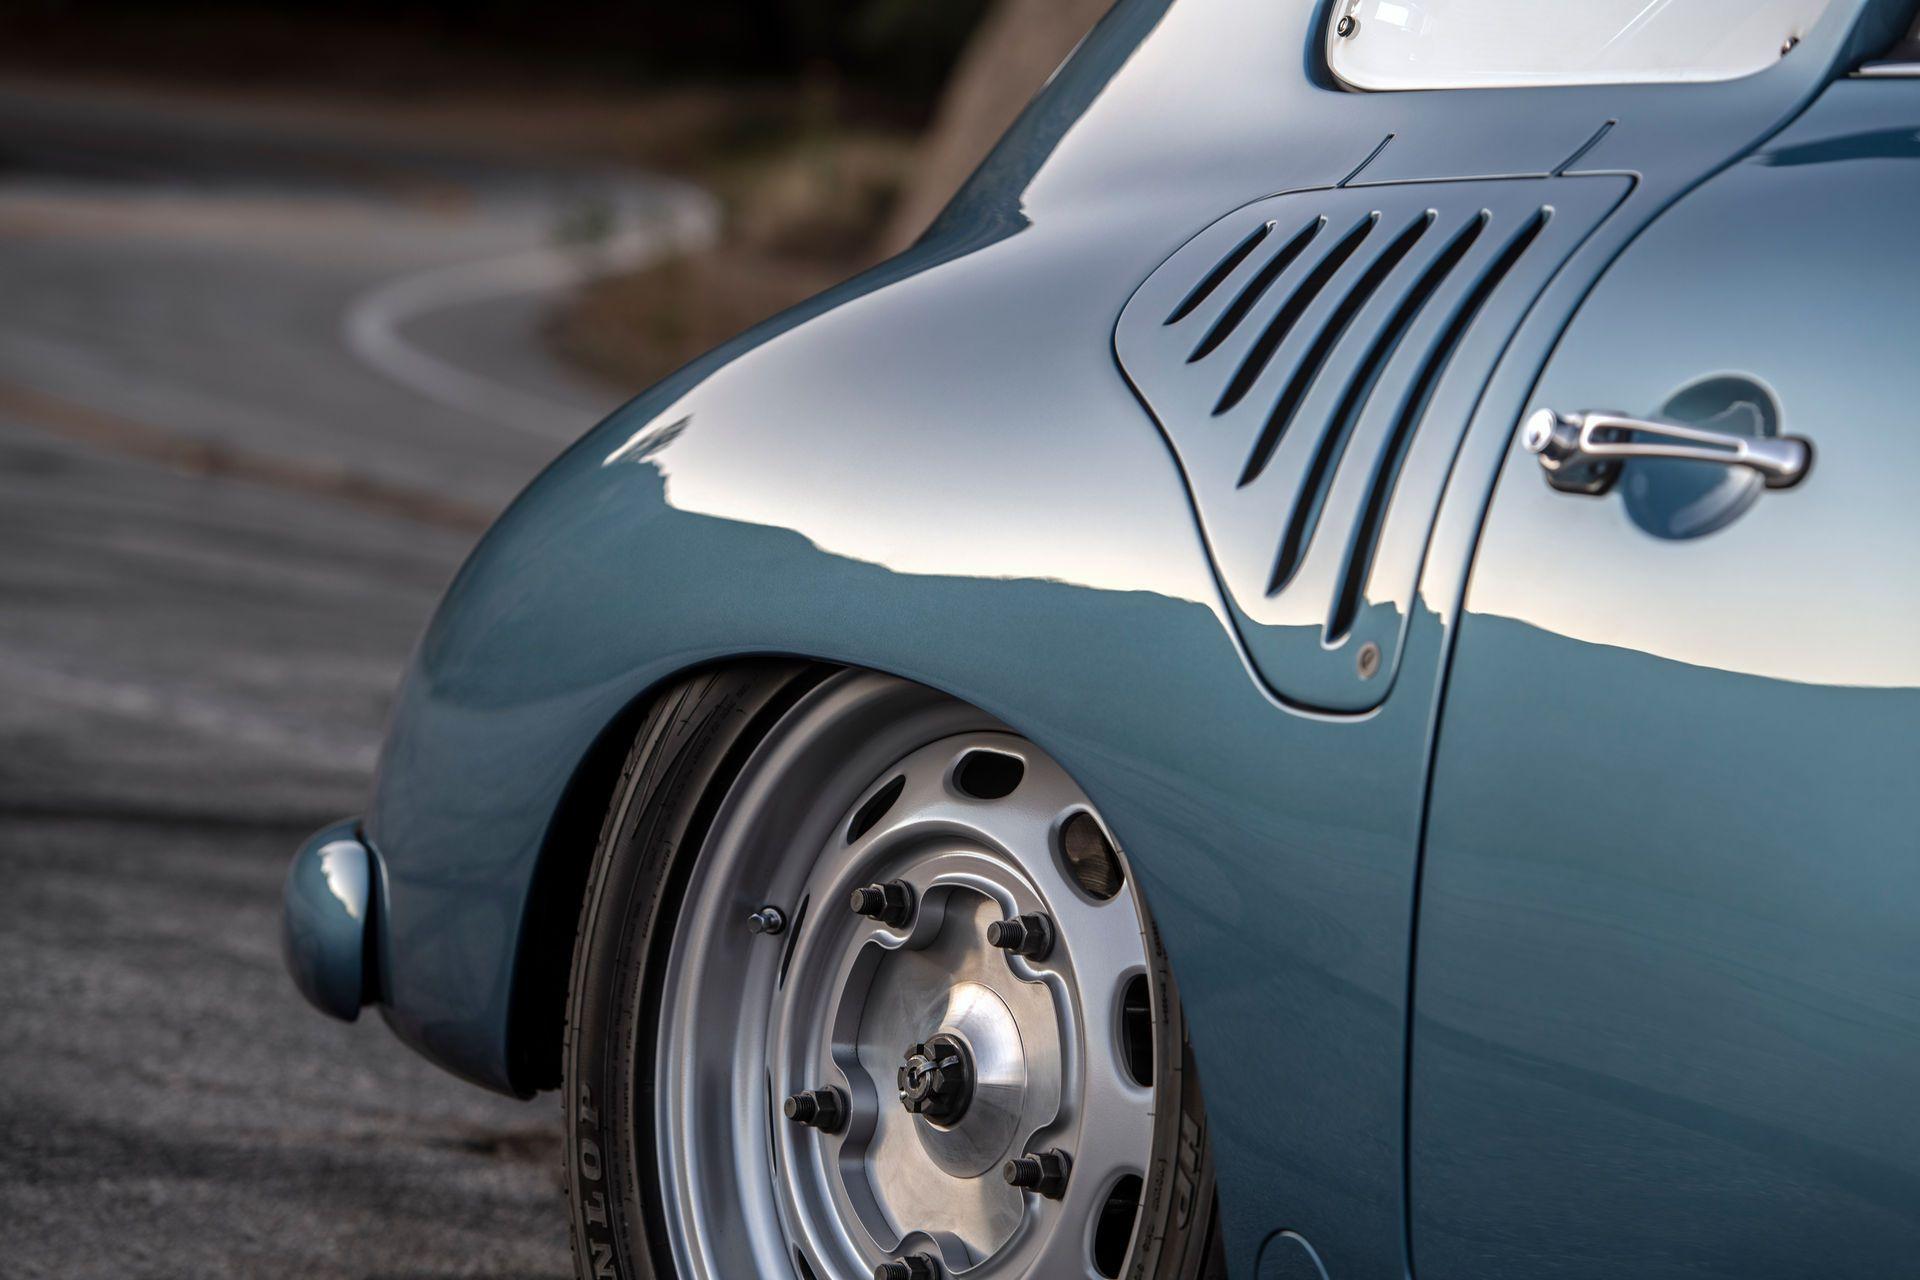 Porsche-356-A-Coupe-Restomod-Emory-Motorsports-41